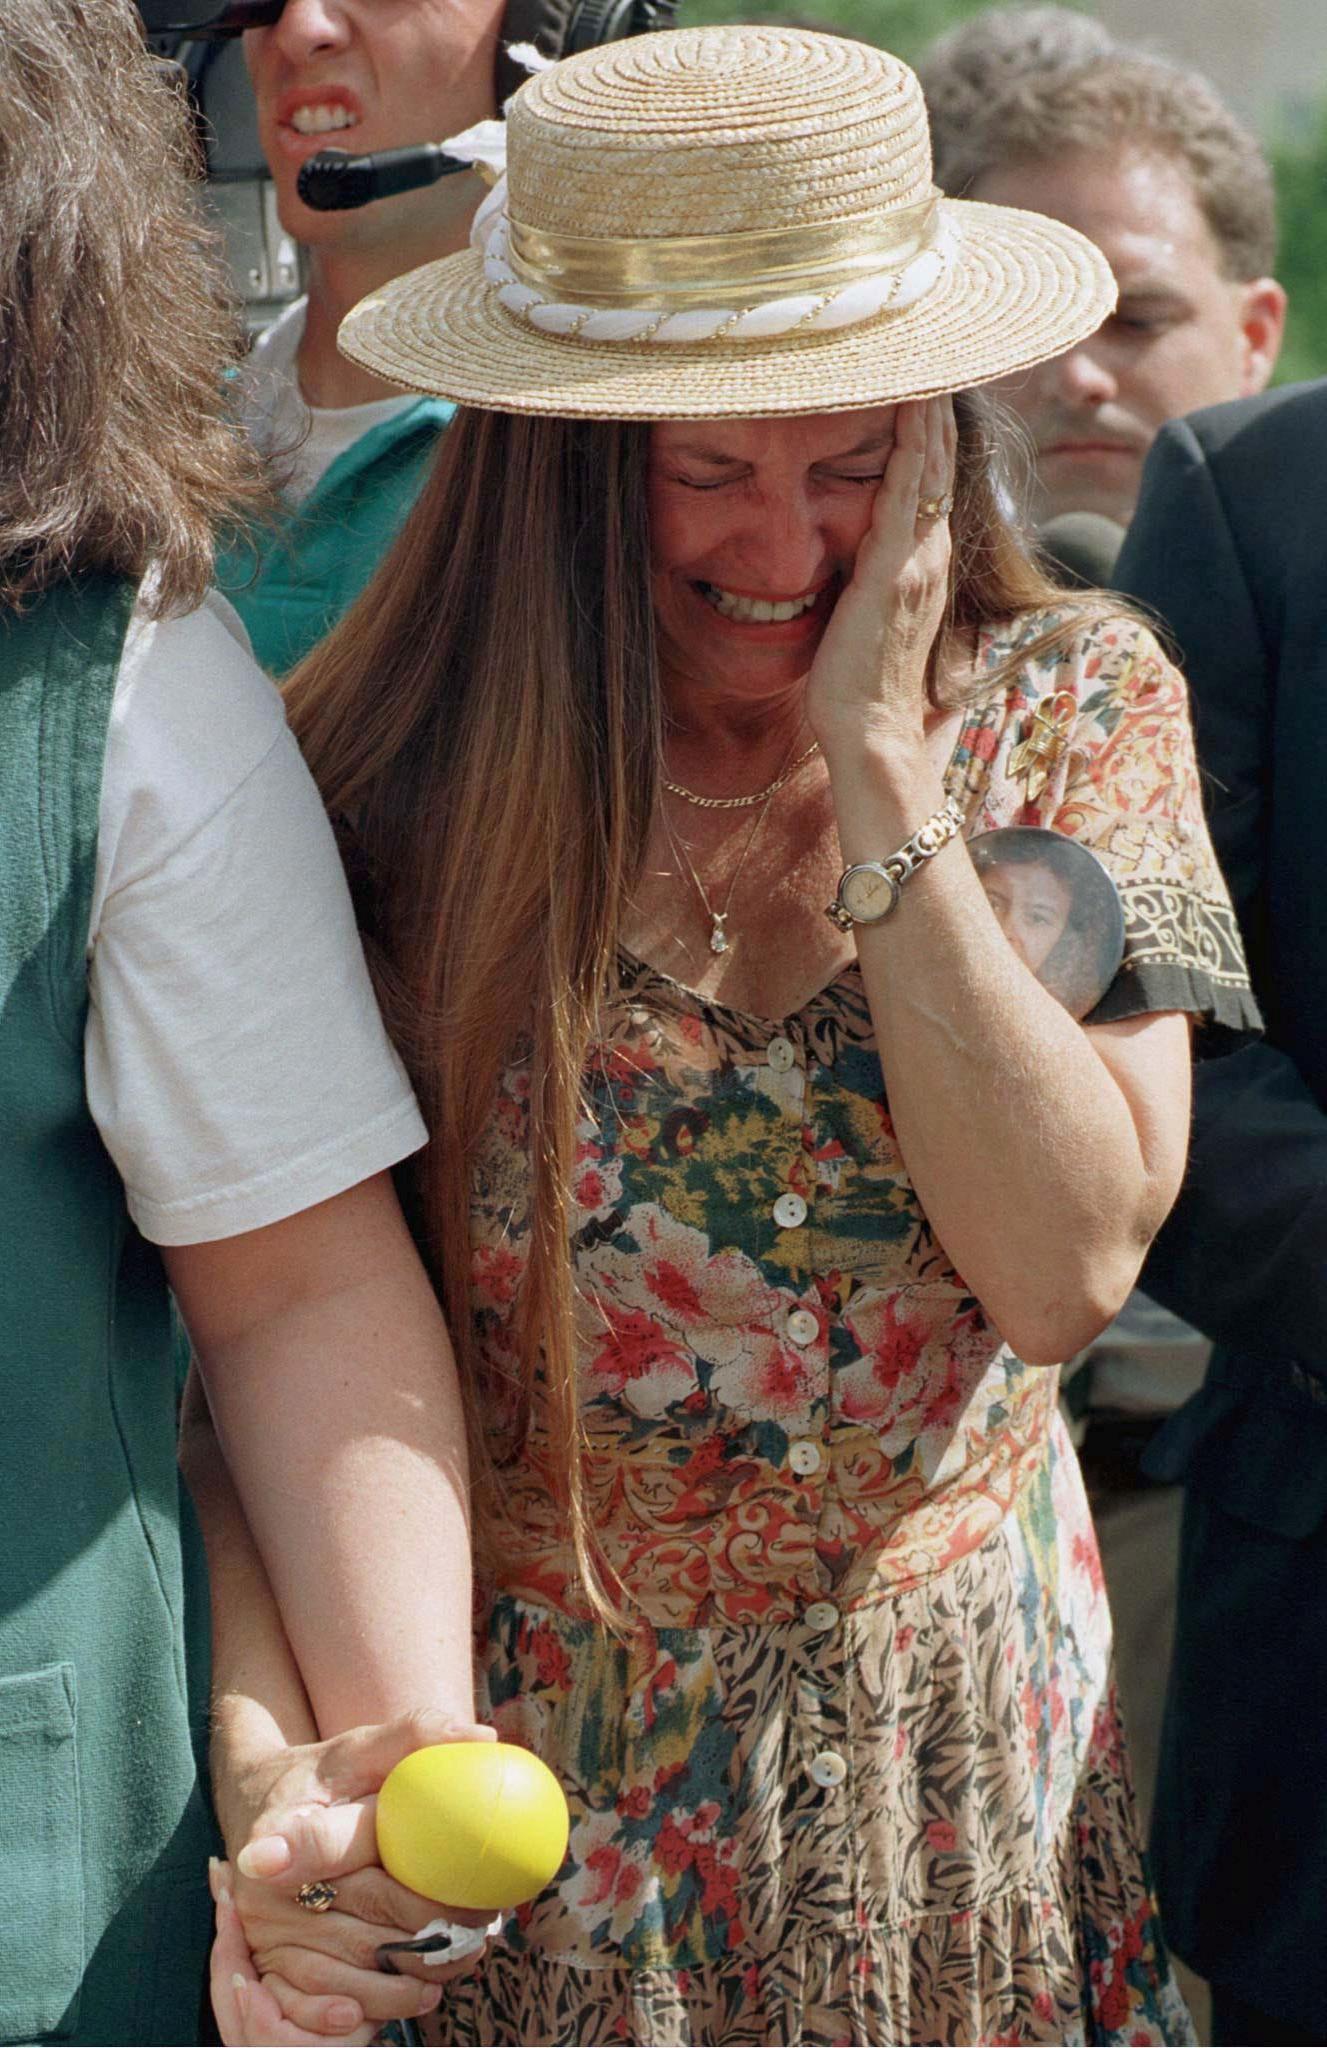 Jacque Walker, cuyo sobrino murió en el atentado, llora al salir de escuchar la sentencia de muerte de McVeigh.   REUTERS/Jeff Mitchell/